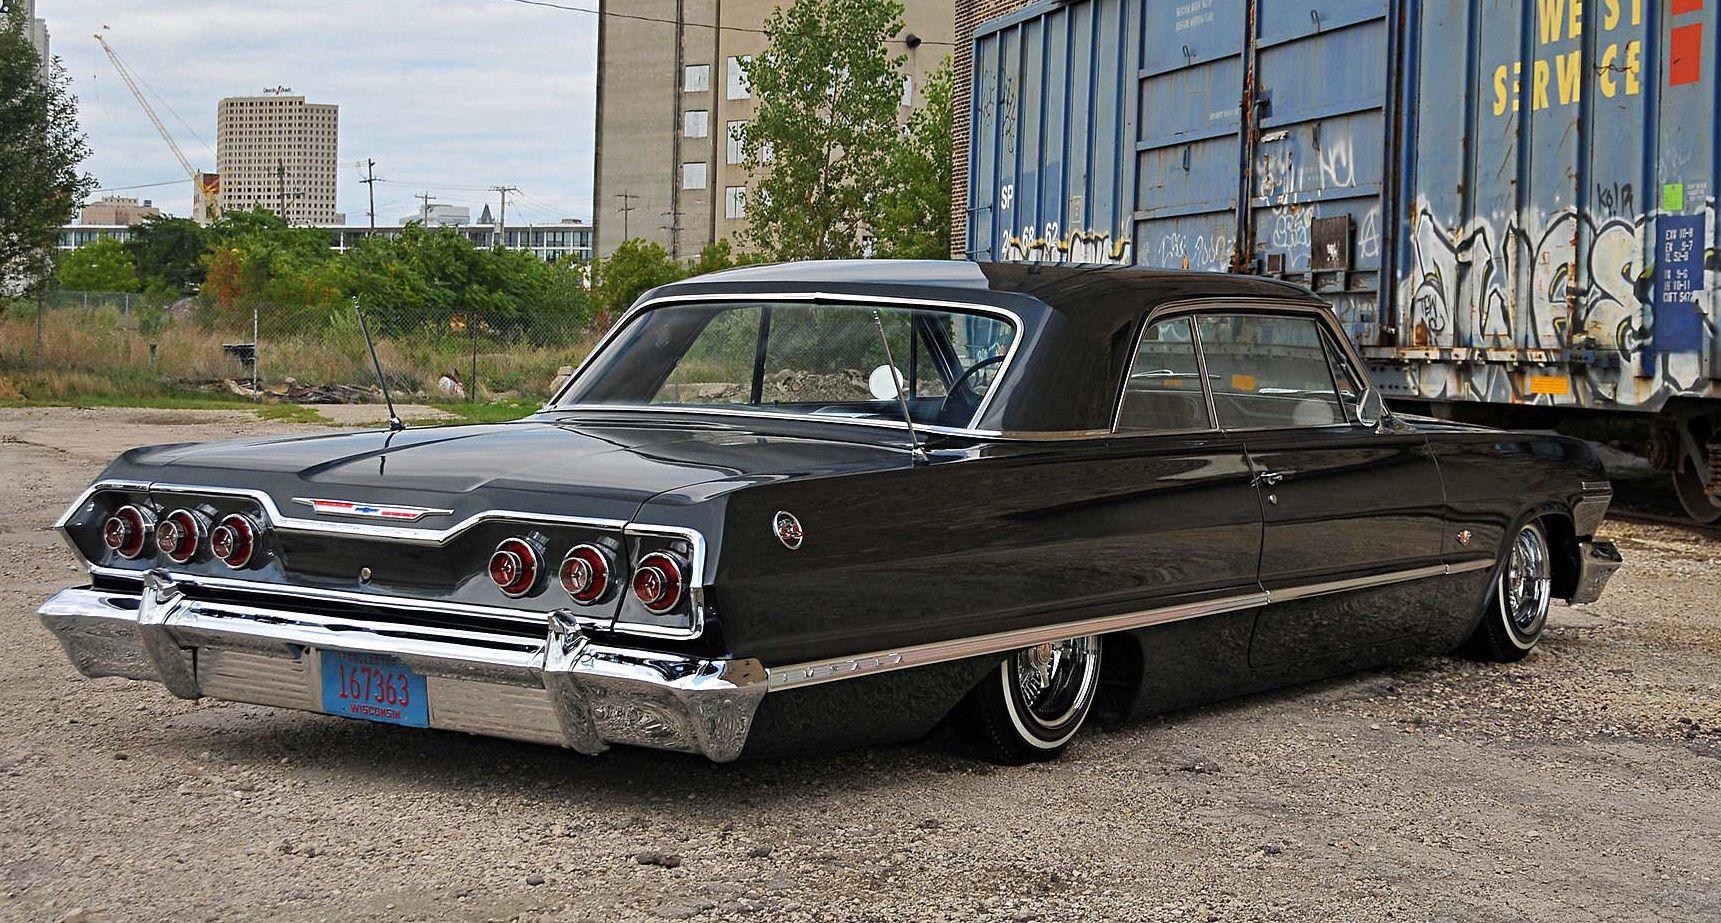 Kelebihan Impala 63 Harga